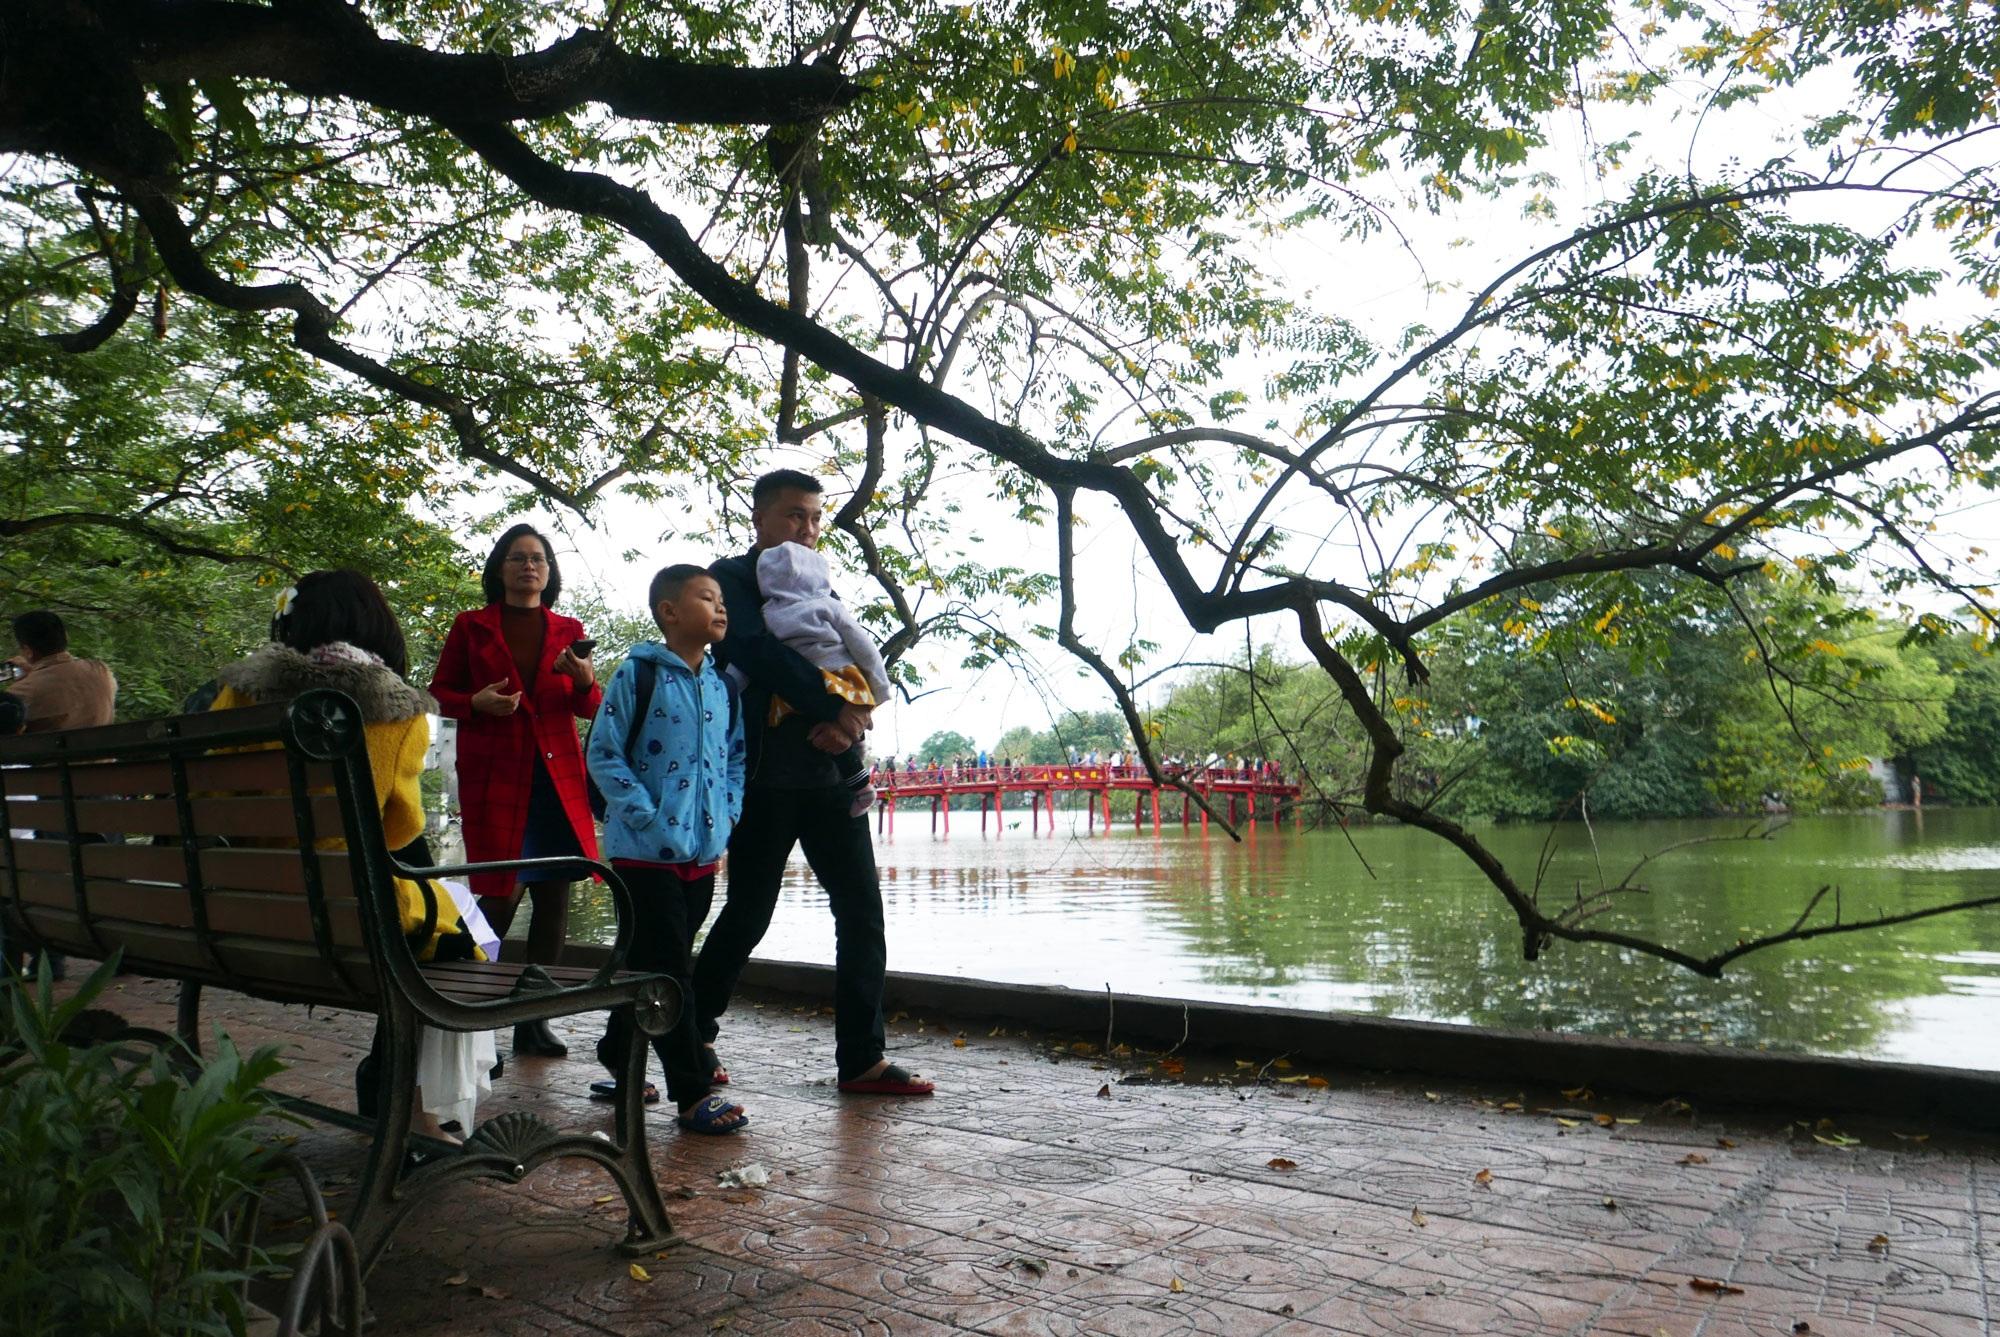 Cảnh lễ đền dưới mưa xuân tuyệt đẹp ở Hà Nội ngày mùng 1 Tết - 23